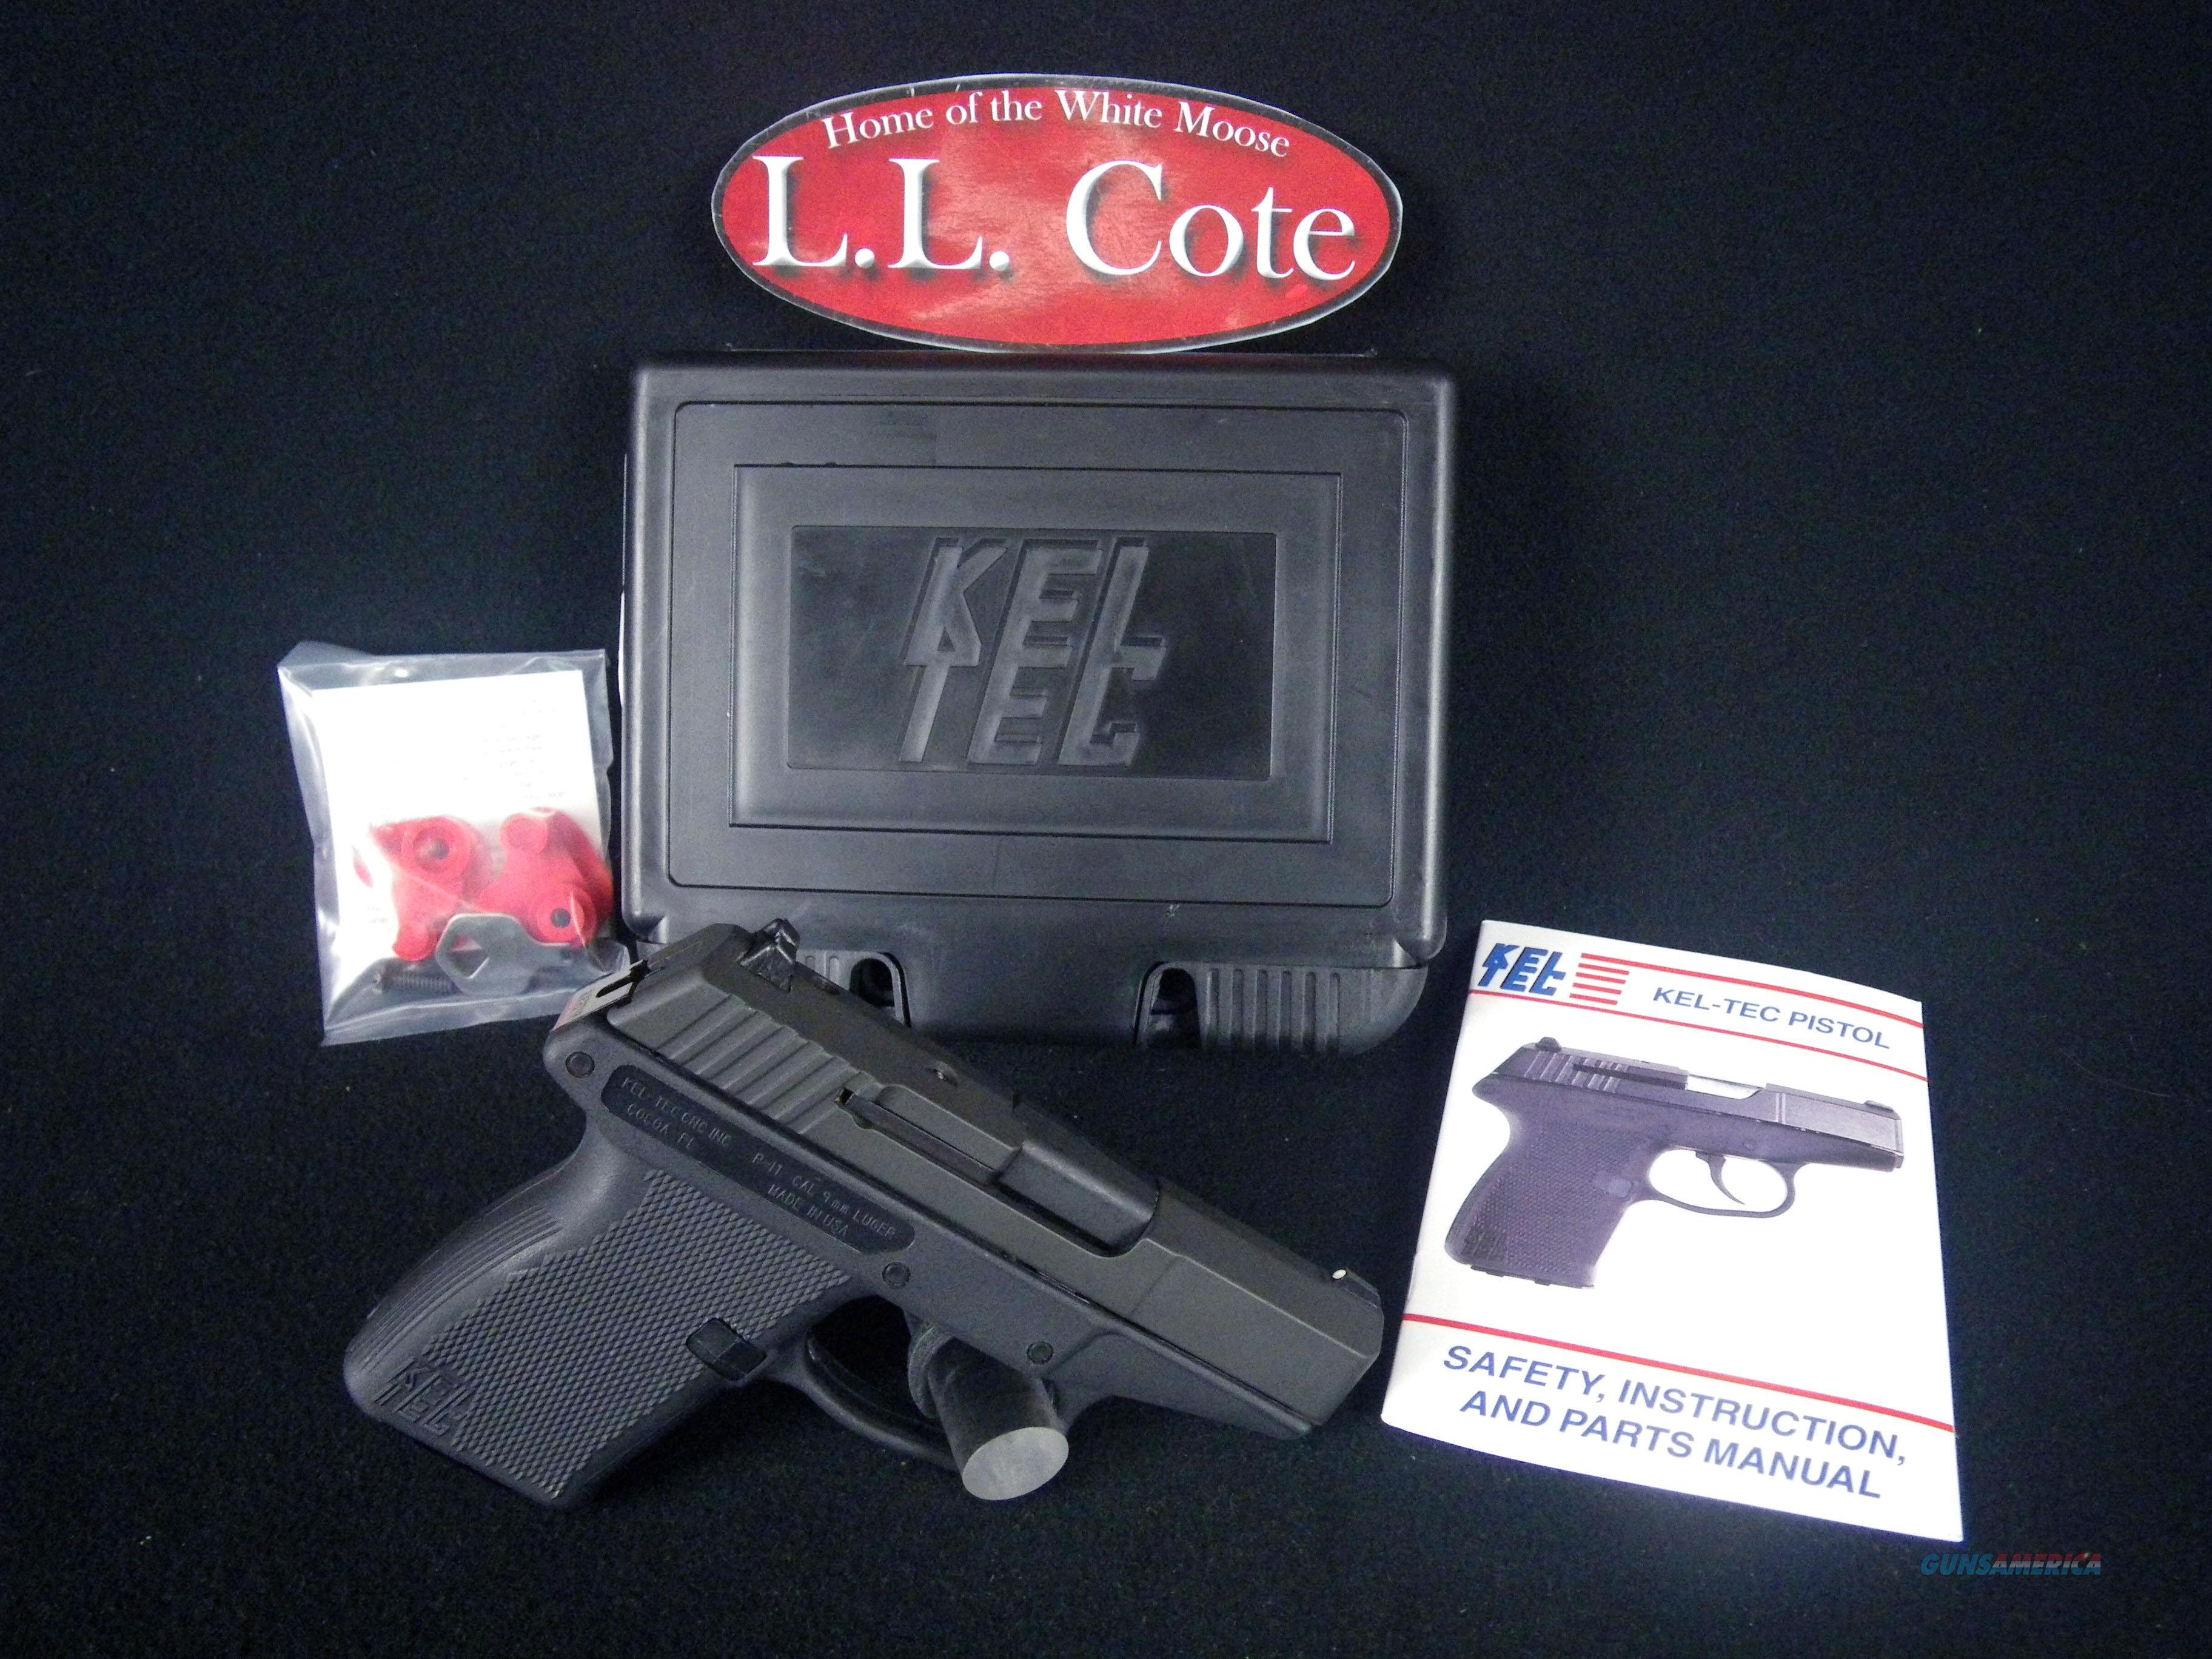 """Kel-Tec P-11 9mm 3.1"""" NEW 10rnd Polymer P11PKBLK  Guns > Pistols > Kel-Tec Pistols > Pocket Pistol Type"""